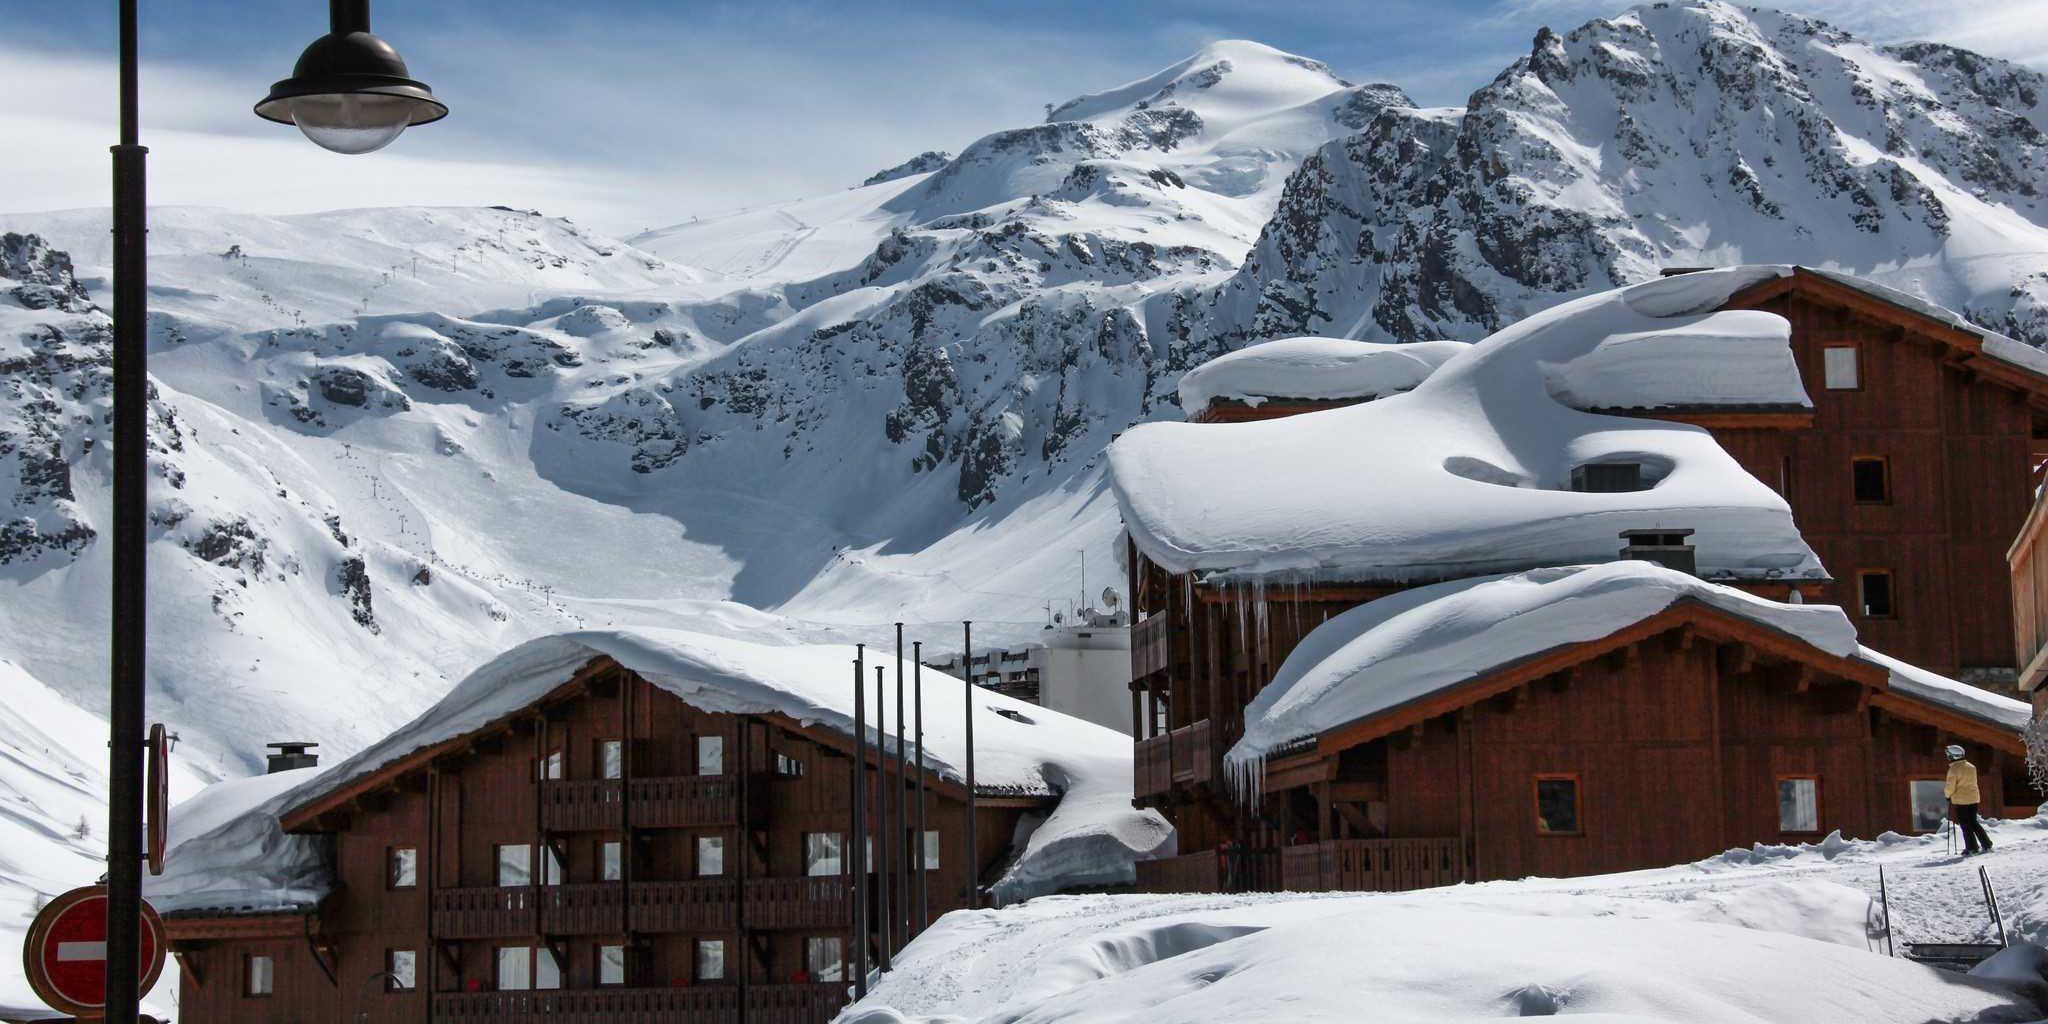 Residences Village Montana Tignes Tignes-Val d'Isere Frankrijk wintersport skivakantie luxe ligging residence Village Montana Tignes lantarenpaal besneeuwde bergen sneeuw